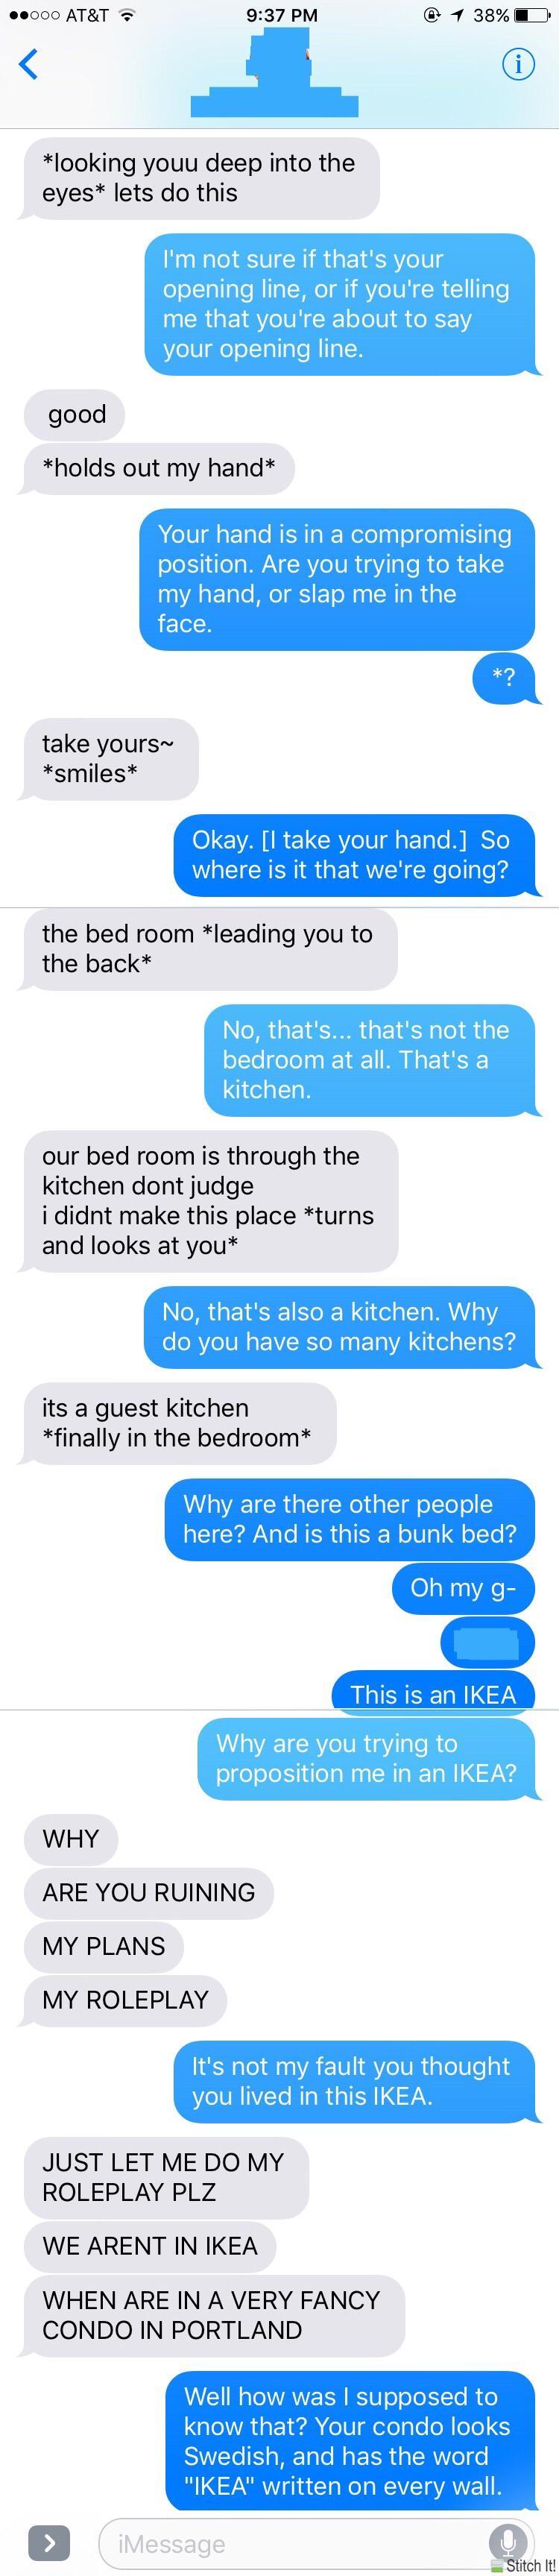 kinky gay sex ideas